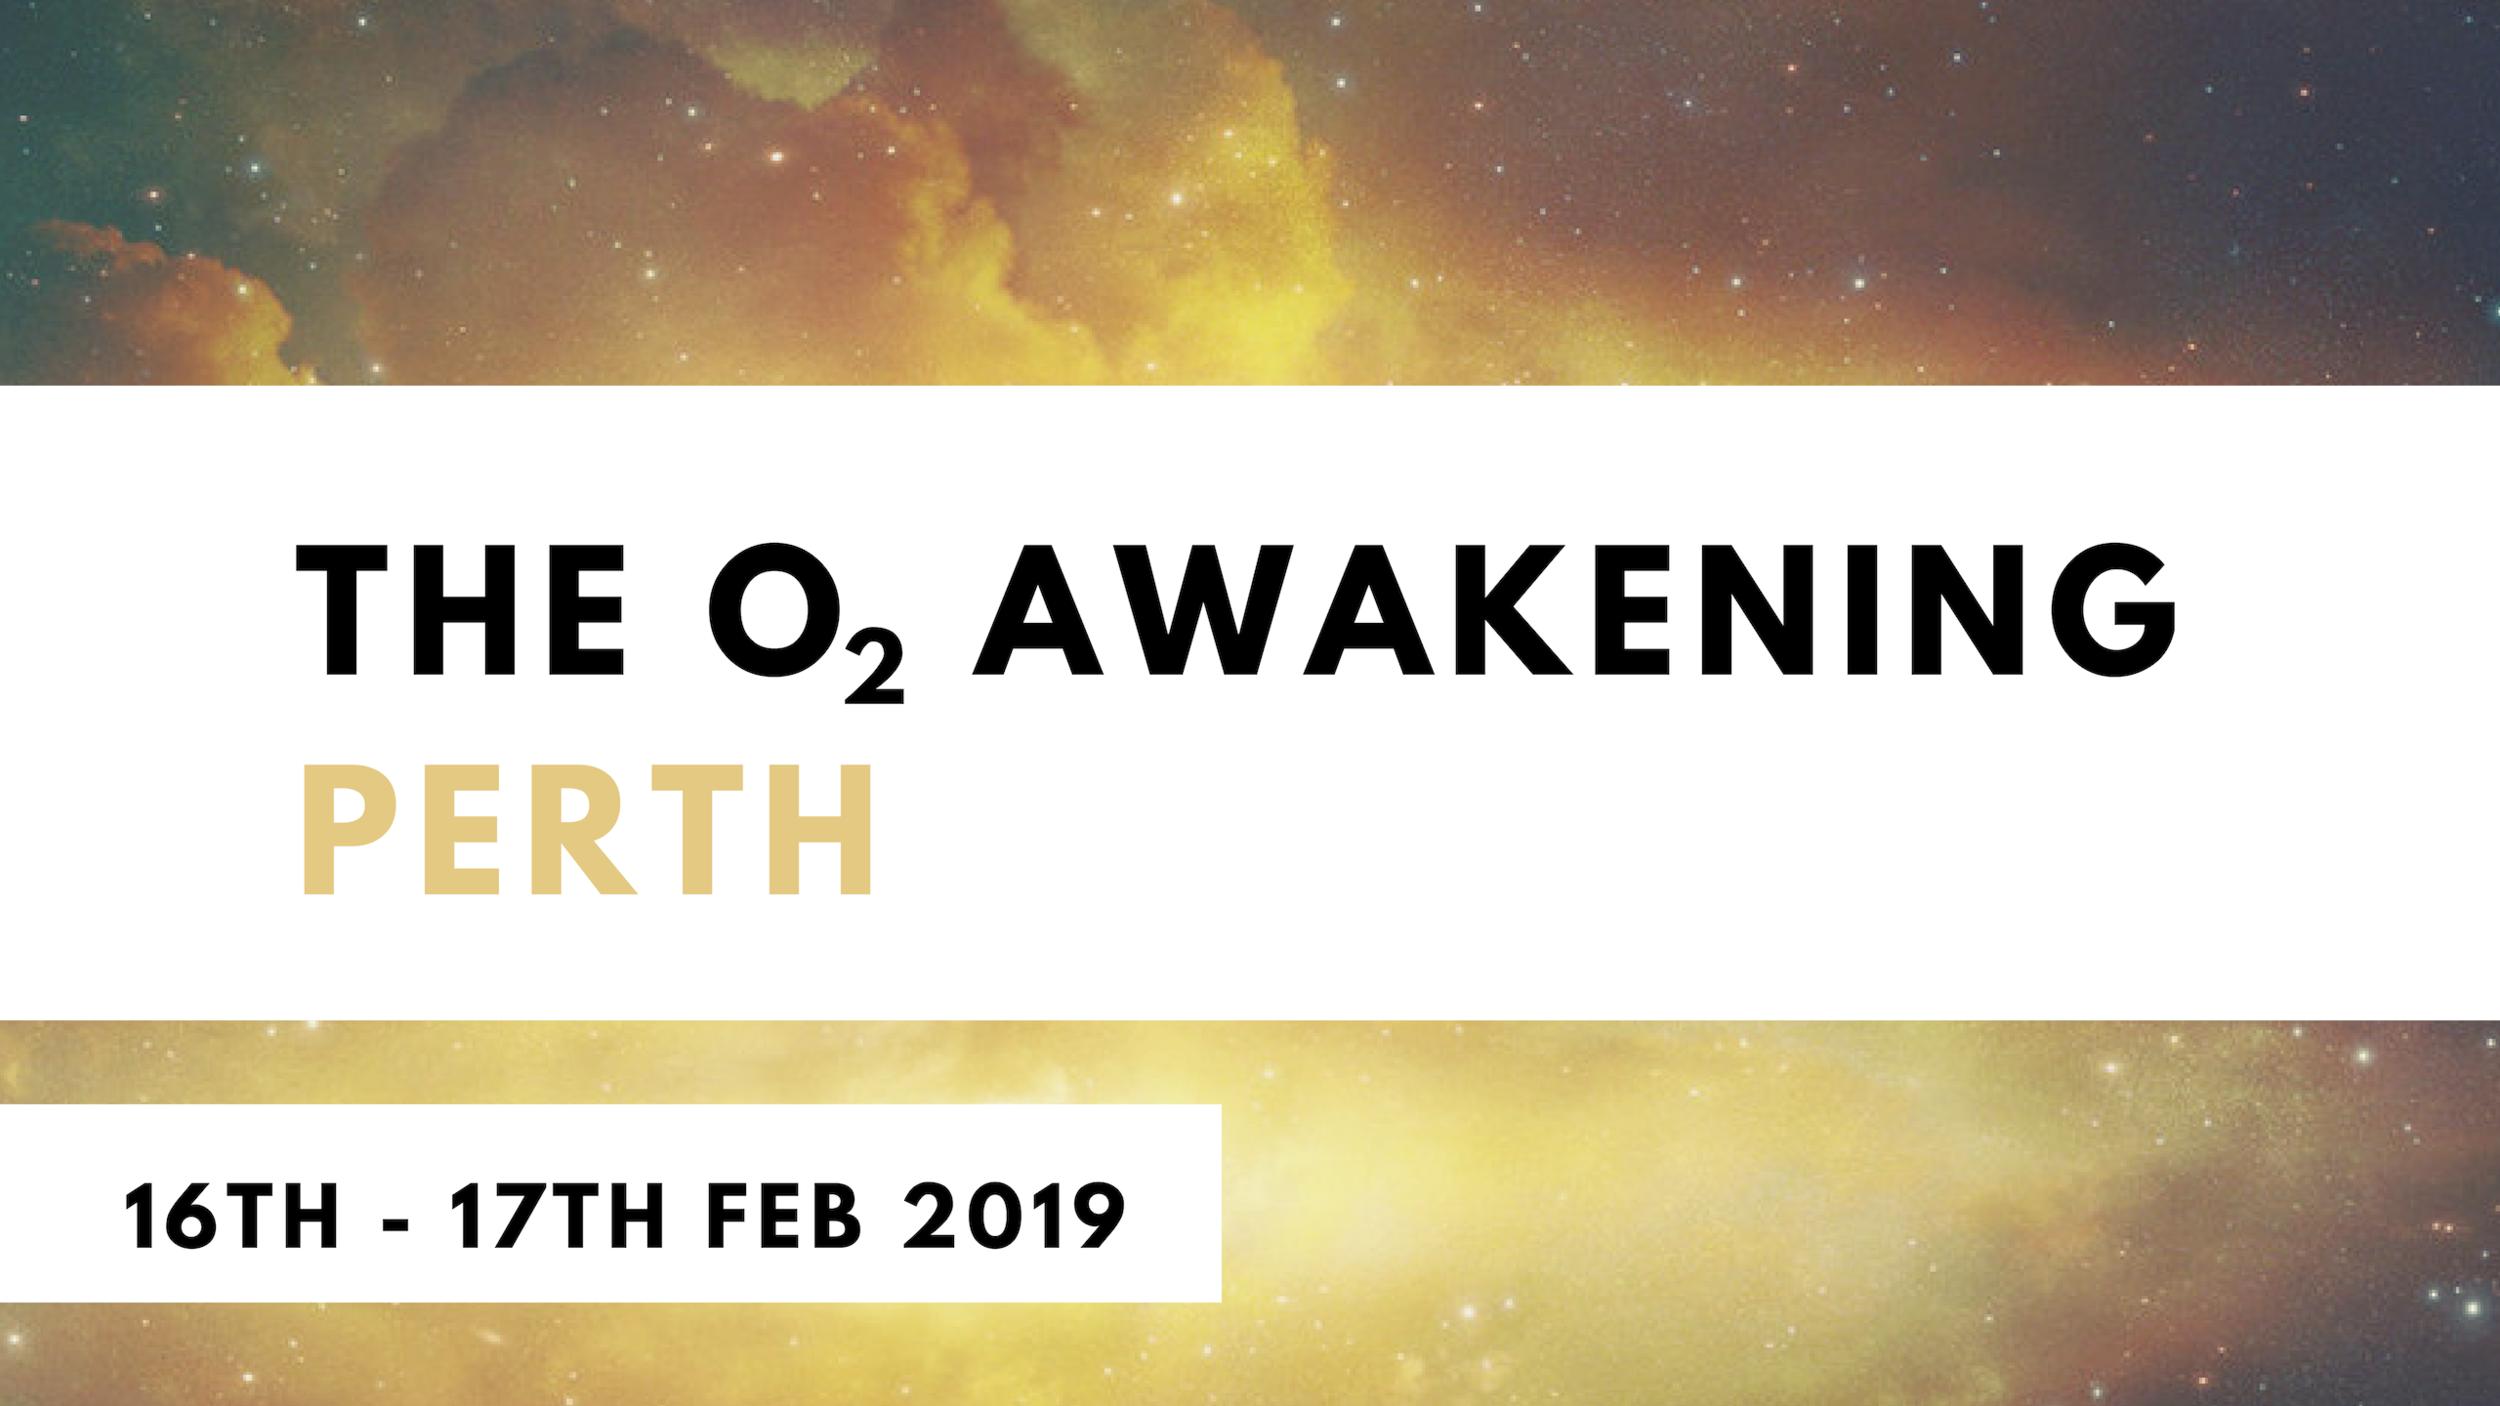 The O2 Awakening Perth banner 2019.png